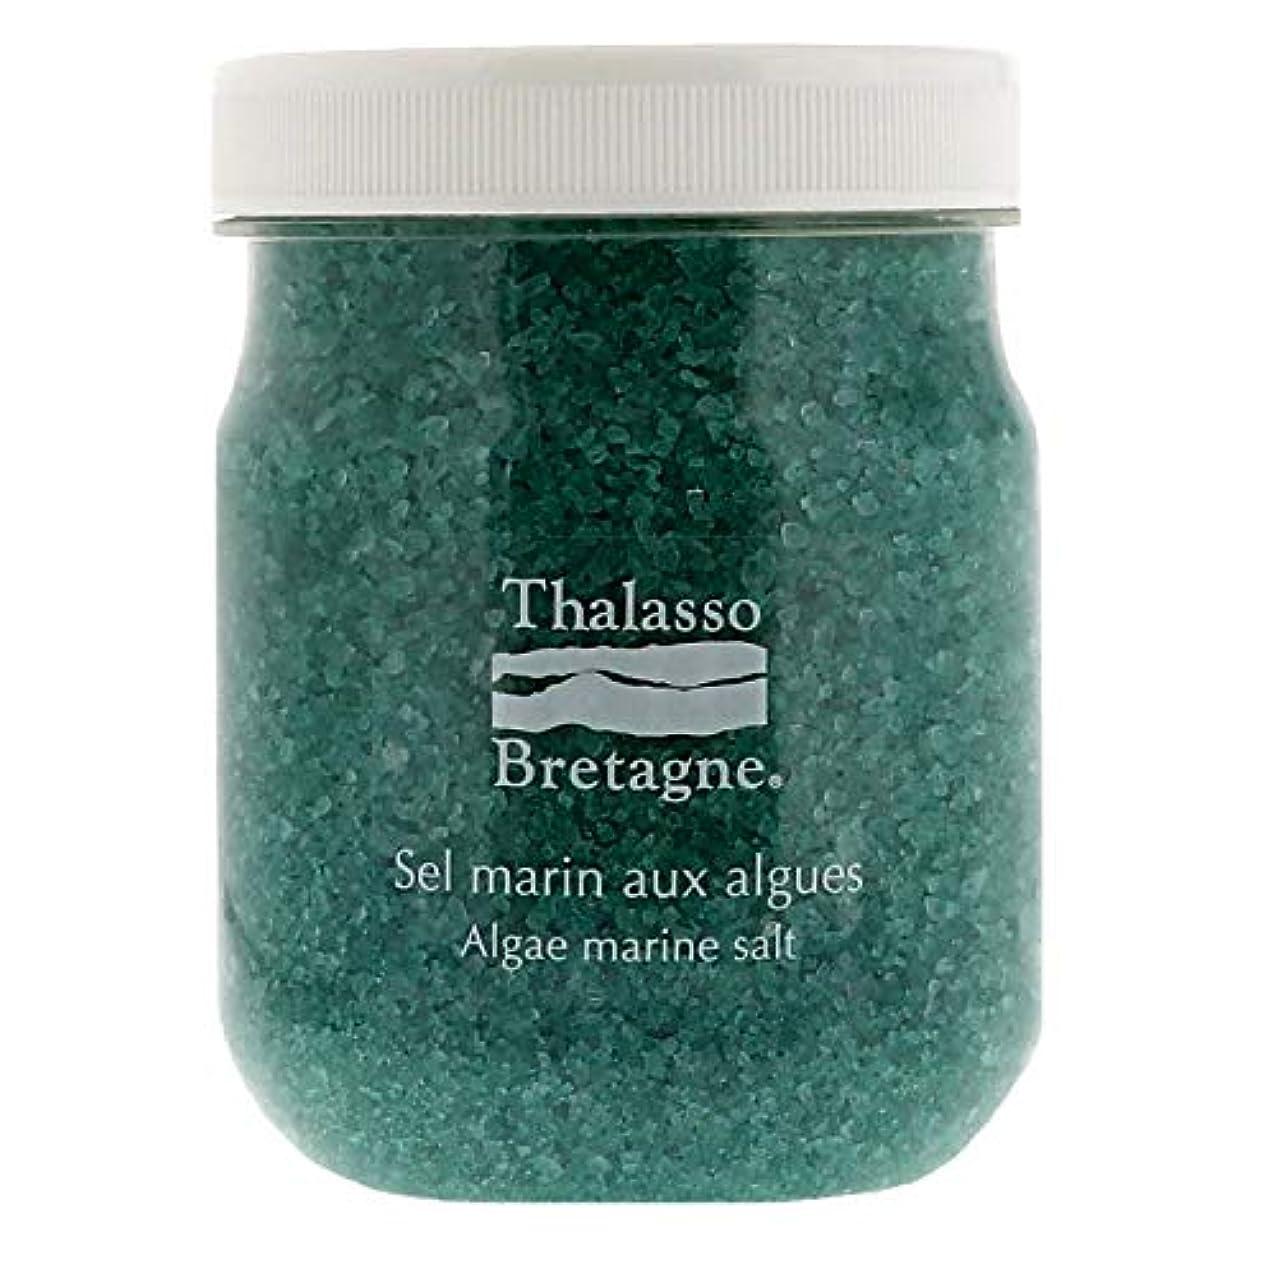 流行しているメキシコフォーマルThalasso Breragne タラソ ド ブルターニュー アルグマリンソルト850g